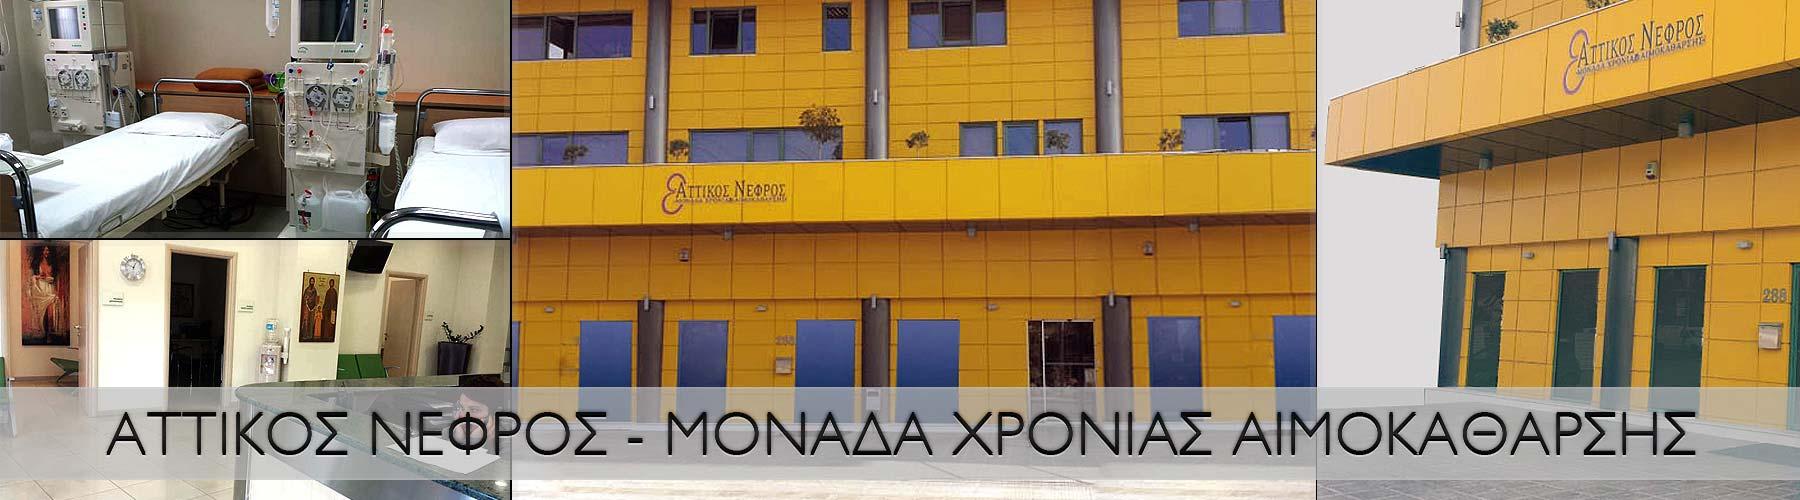 atikos-nefros-header